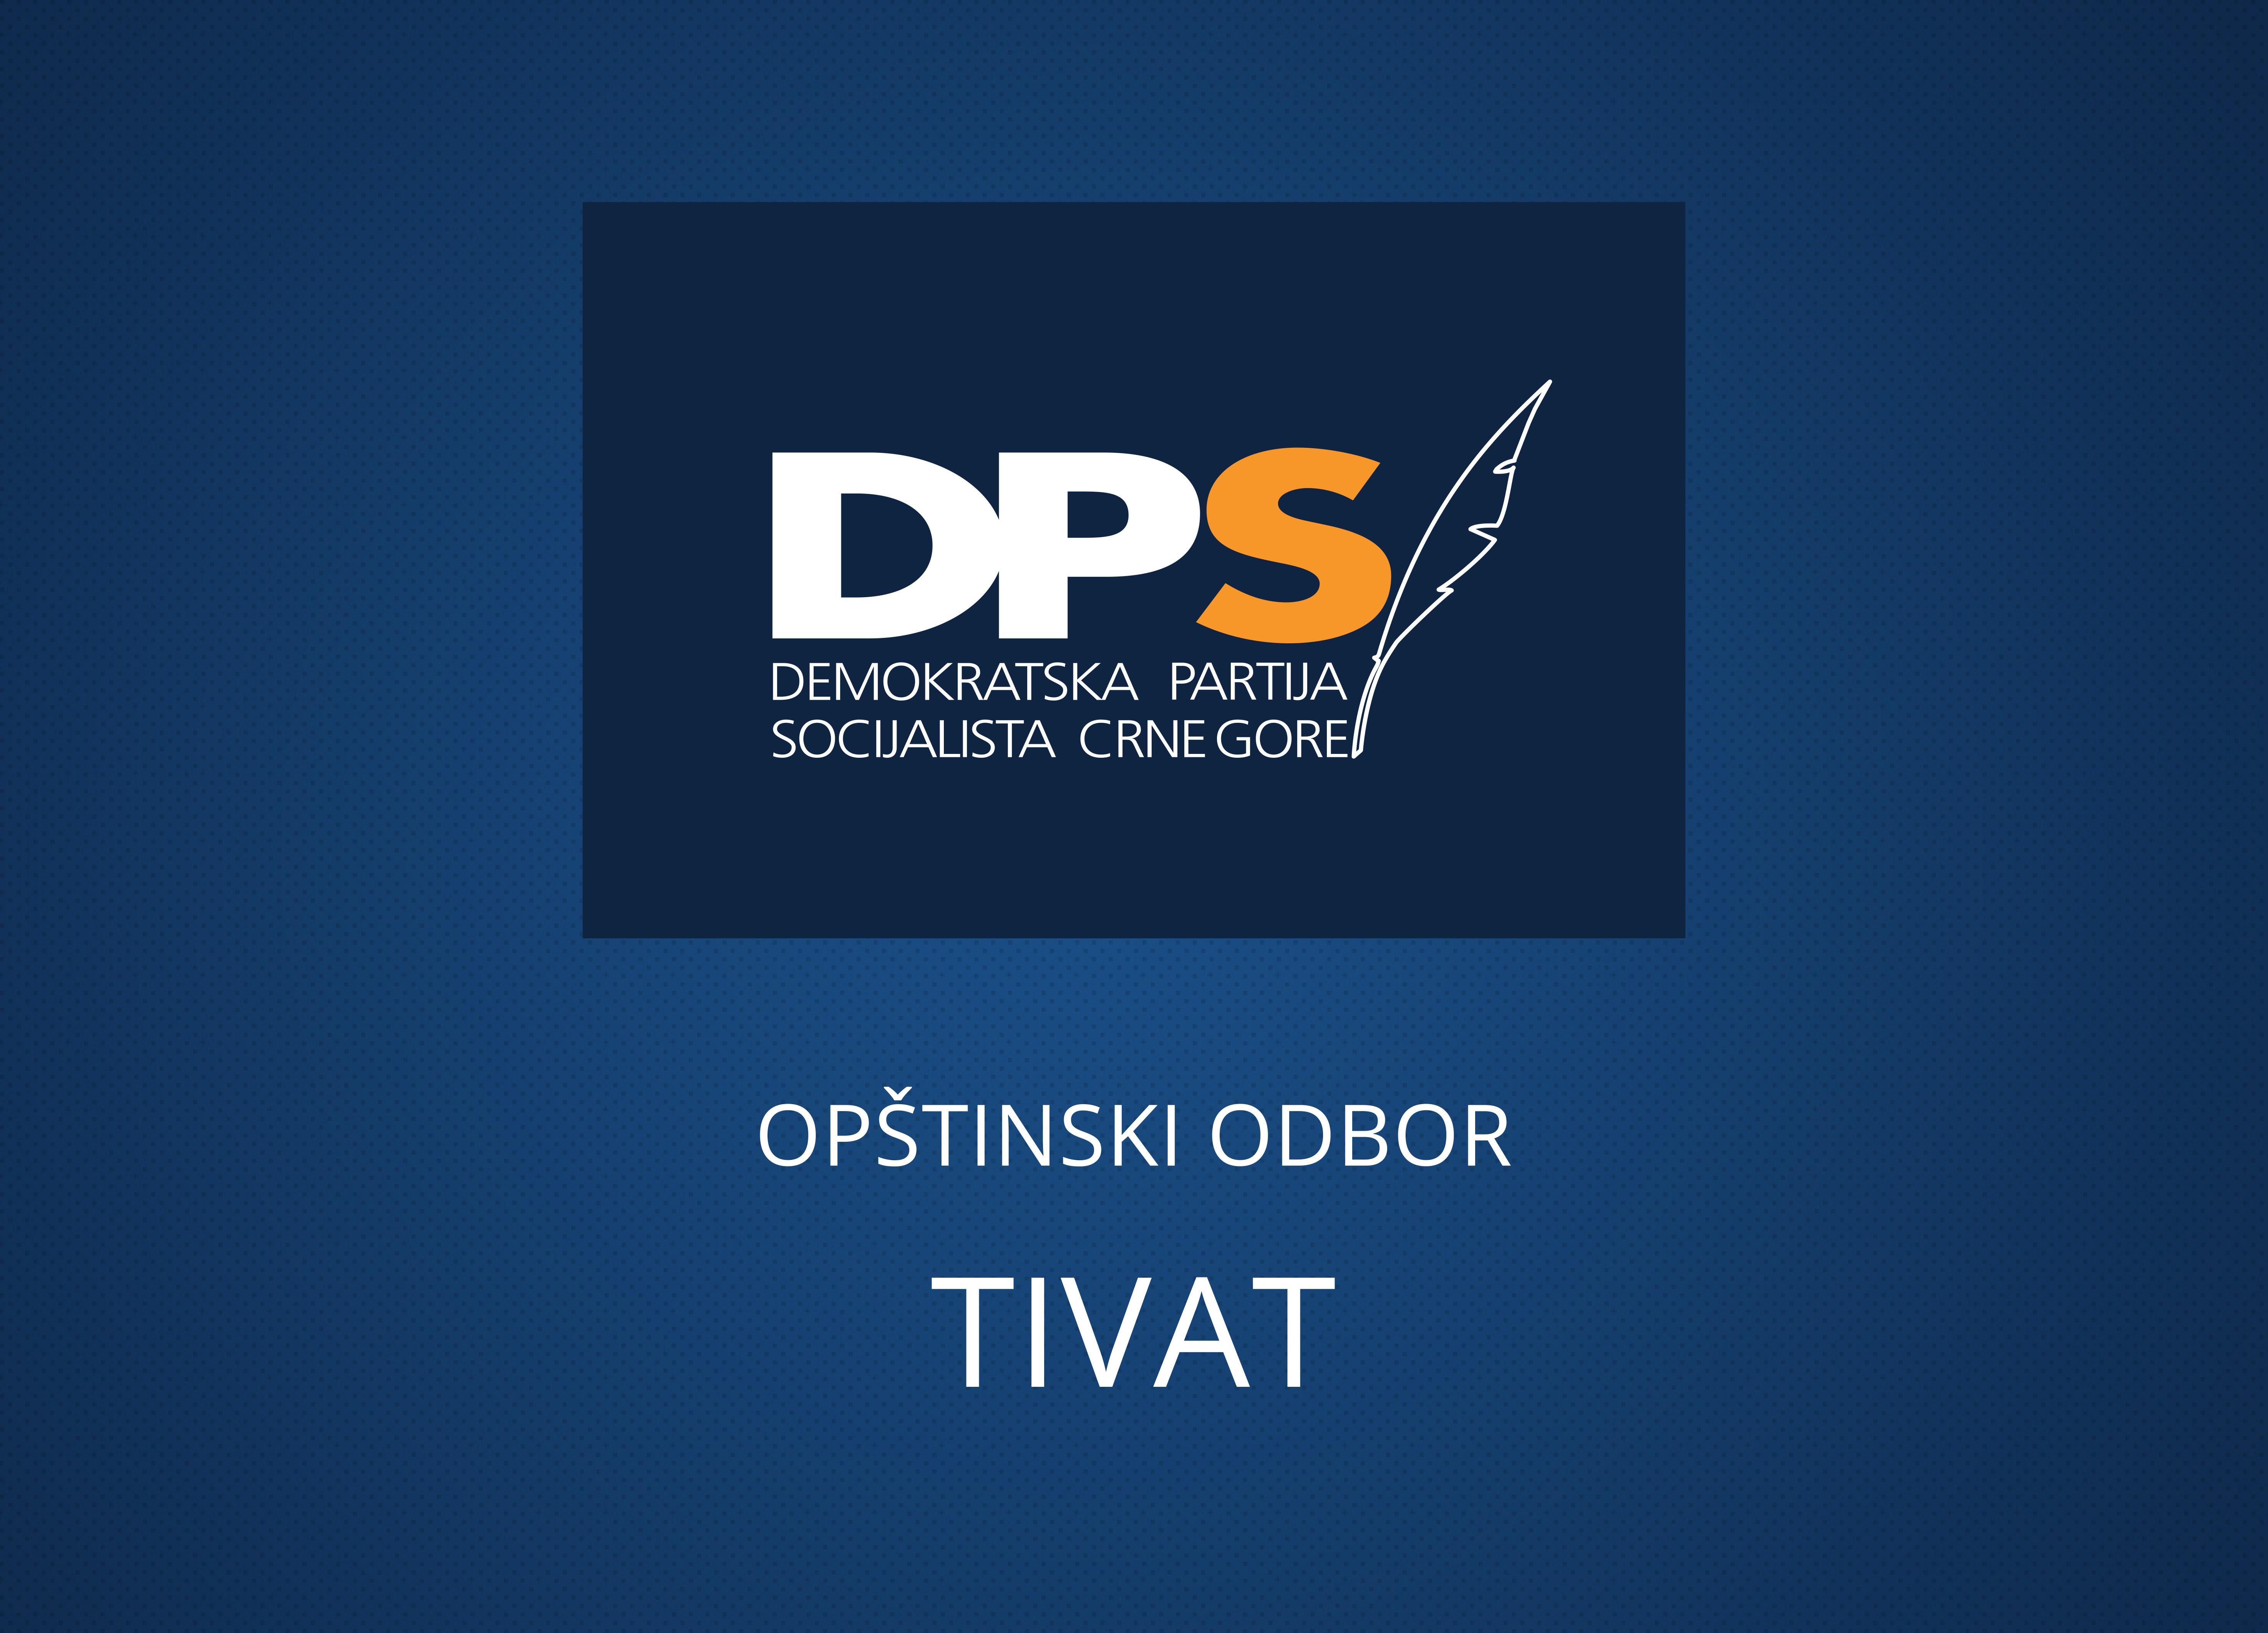 DPS Tivat: Intoniranje himne cijena za podršku odbornika SDP-a, Tivat se vraća  u rane devedesete